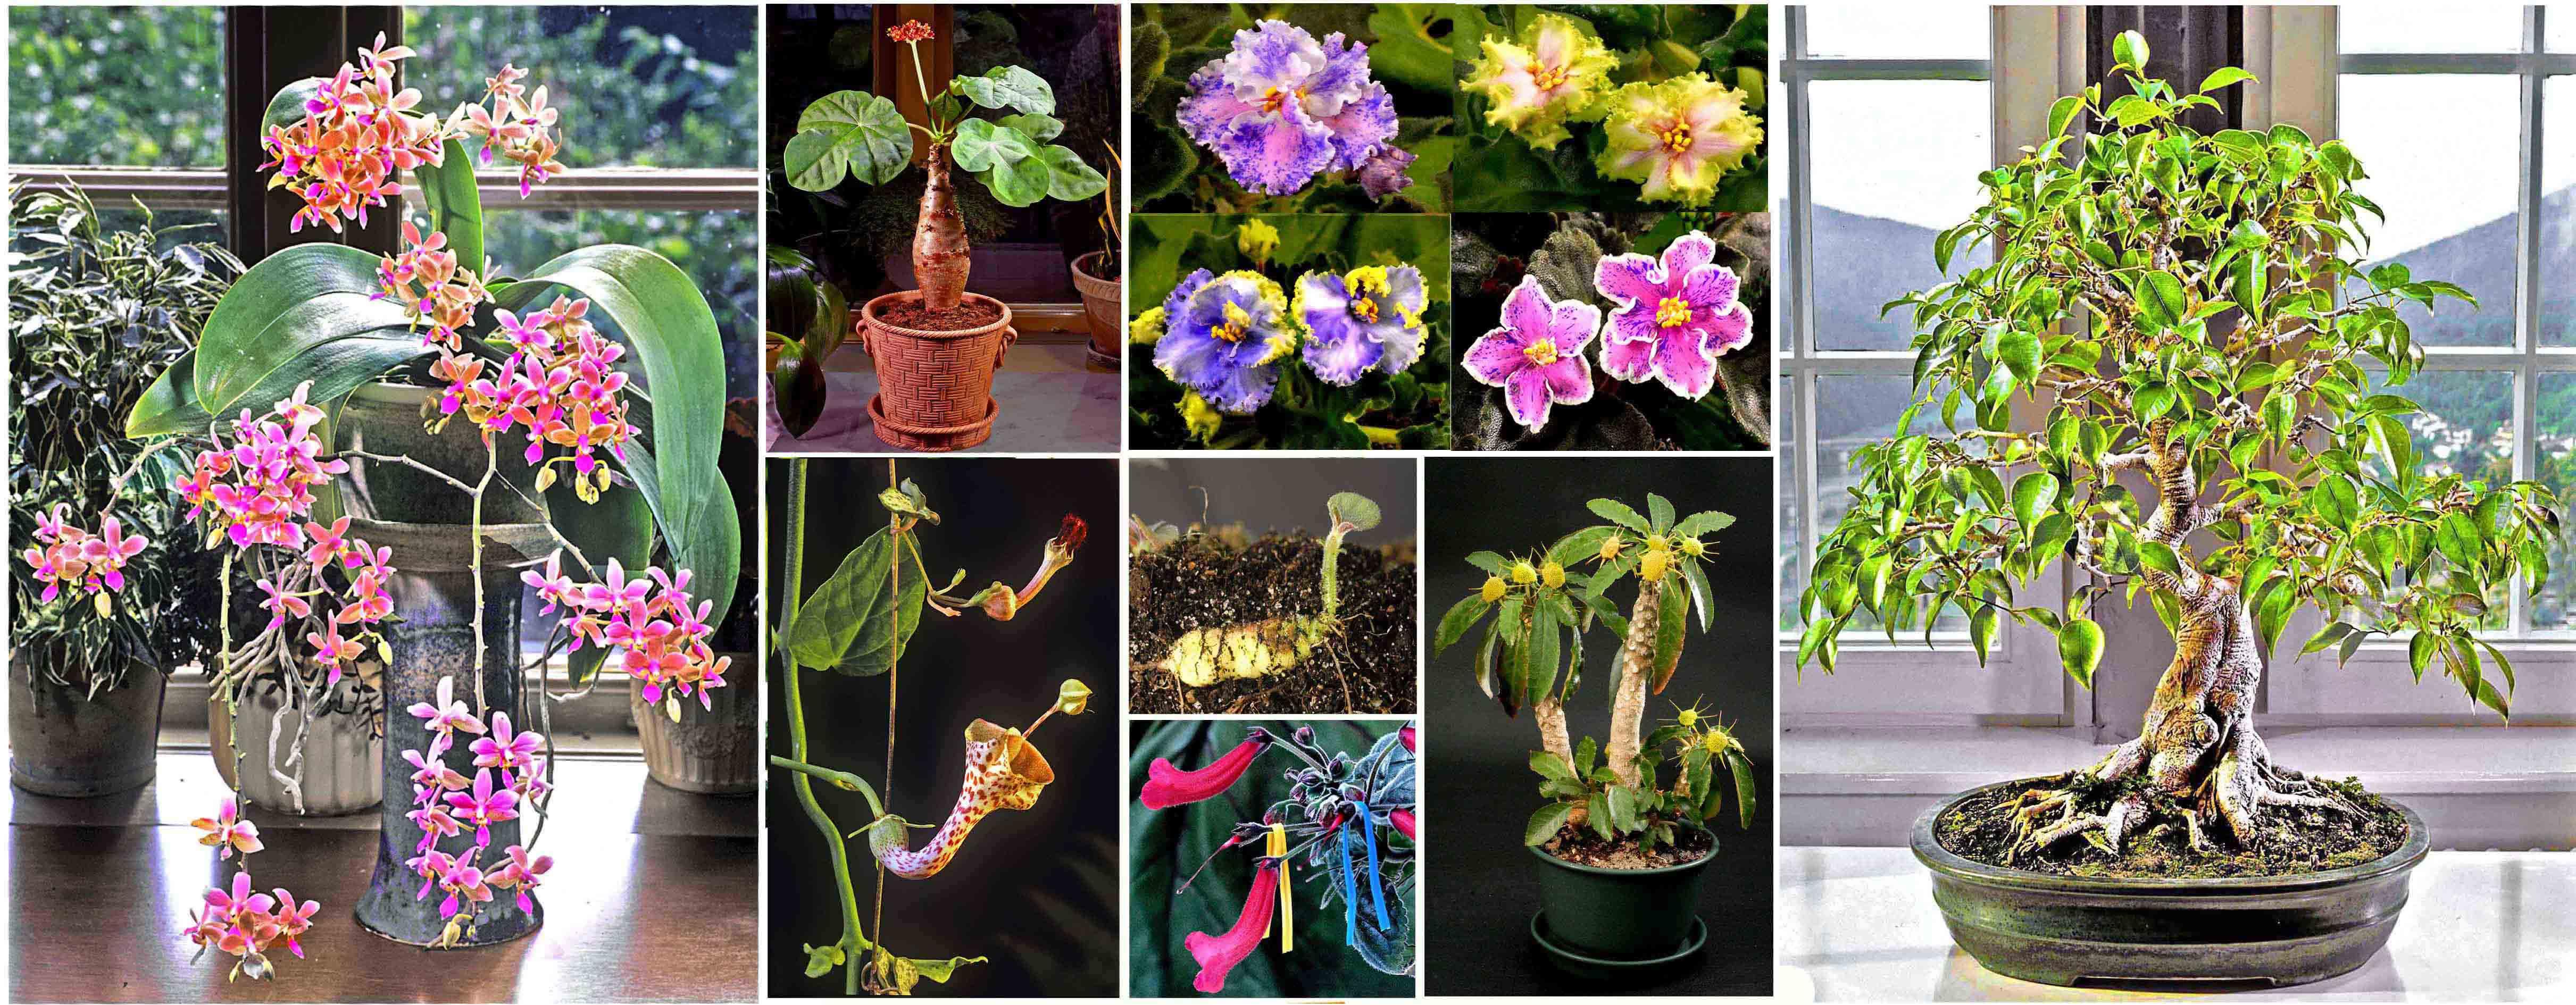 Växter för en ny tid. En webb-bok av Tord Hubert